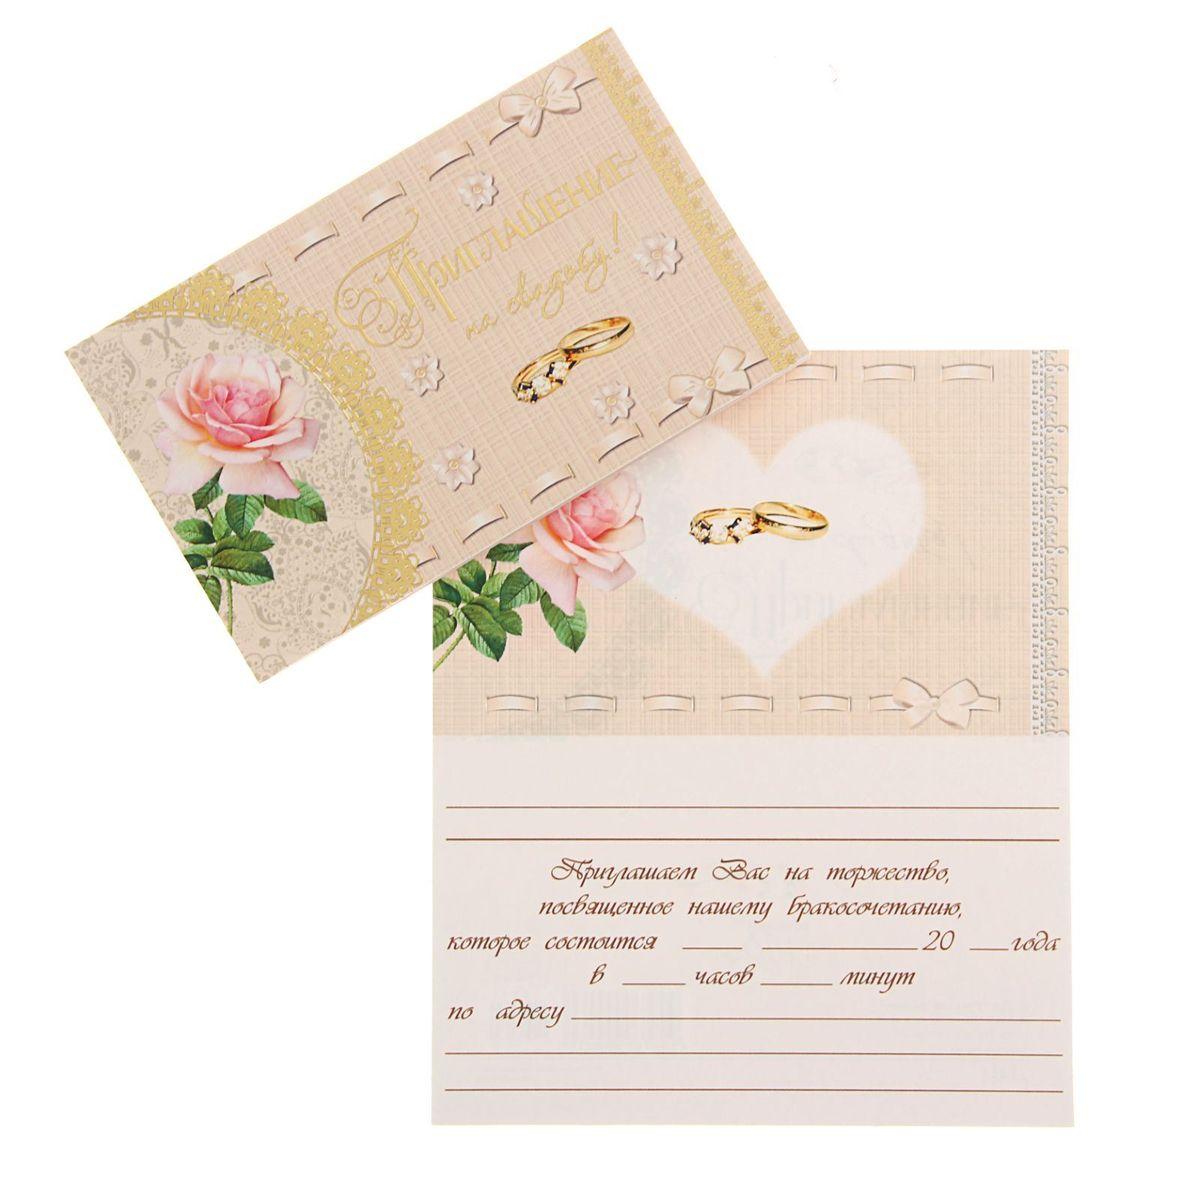 Приглашение на свадьбу Русский дизайн Роза с золотом, 14 х 8,5 см747204Красивая свадебная пригласительная открытка станет незаменимым атрибутом подготовки к предстоящему торжеству и позволит объявить самым дорогим вам людям о важном событии в вашей жизни. Приглашение на свадьбу Русский дизайн Роза с золотом, выполненное из картона, отличается не только оригинальным дизайном, но и высоким качеством. Внутри - текст приглашения. Вам остается заполнить необходимые строки и раздать гостям. Устройте себе незабываемую свадьбу! Размер: 14 х 8,5 см.